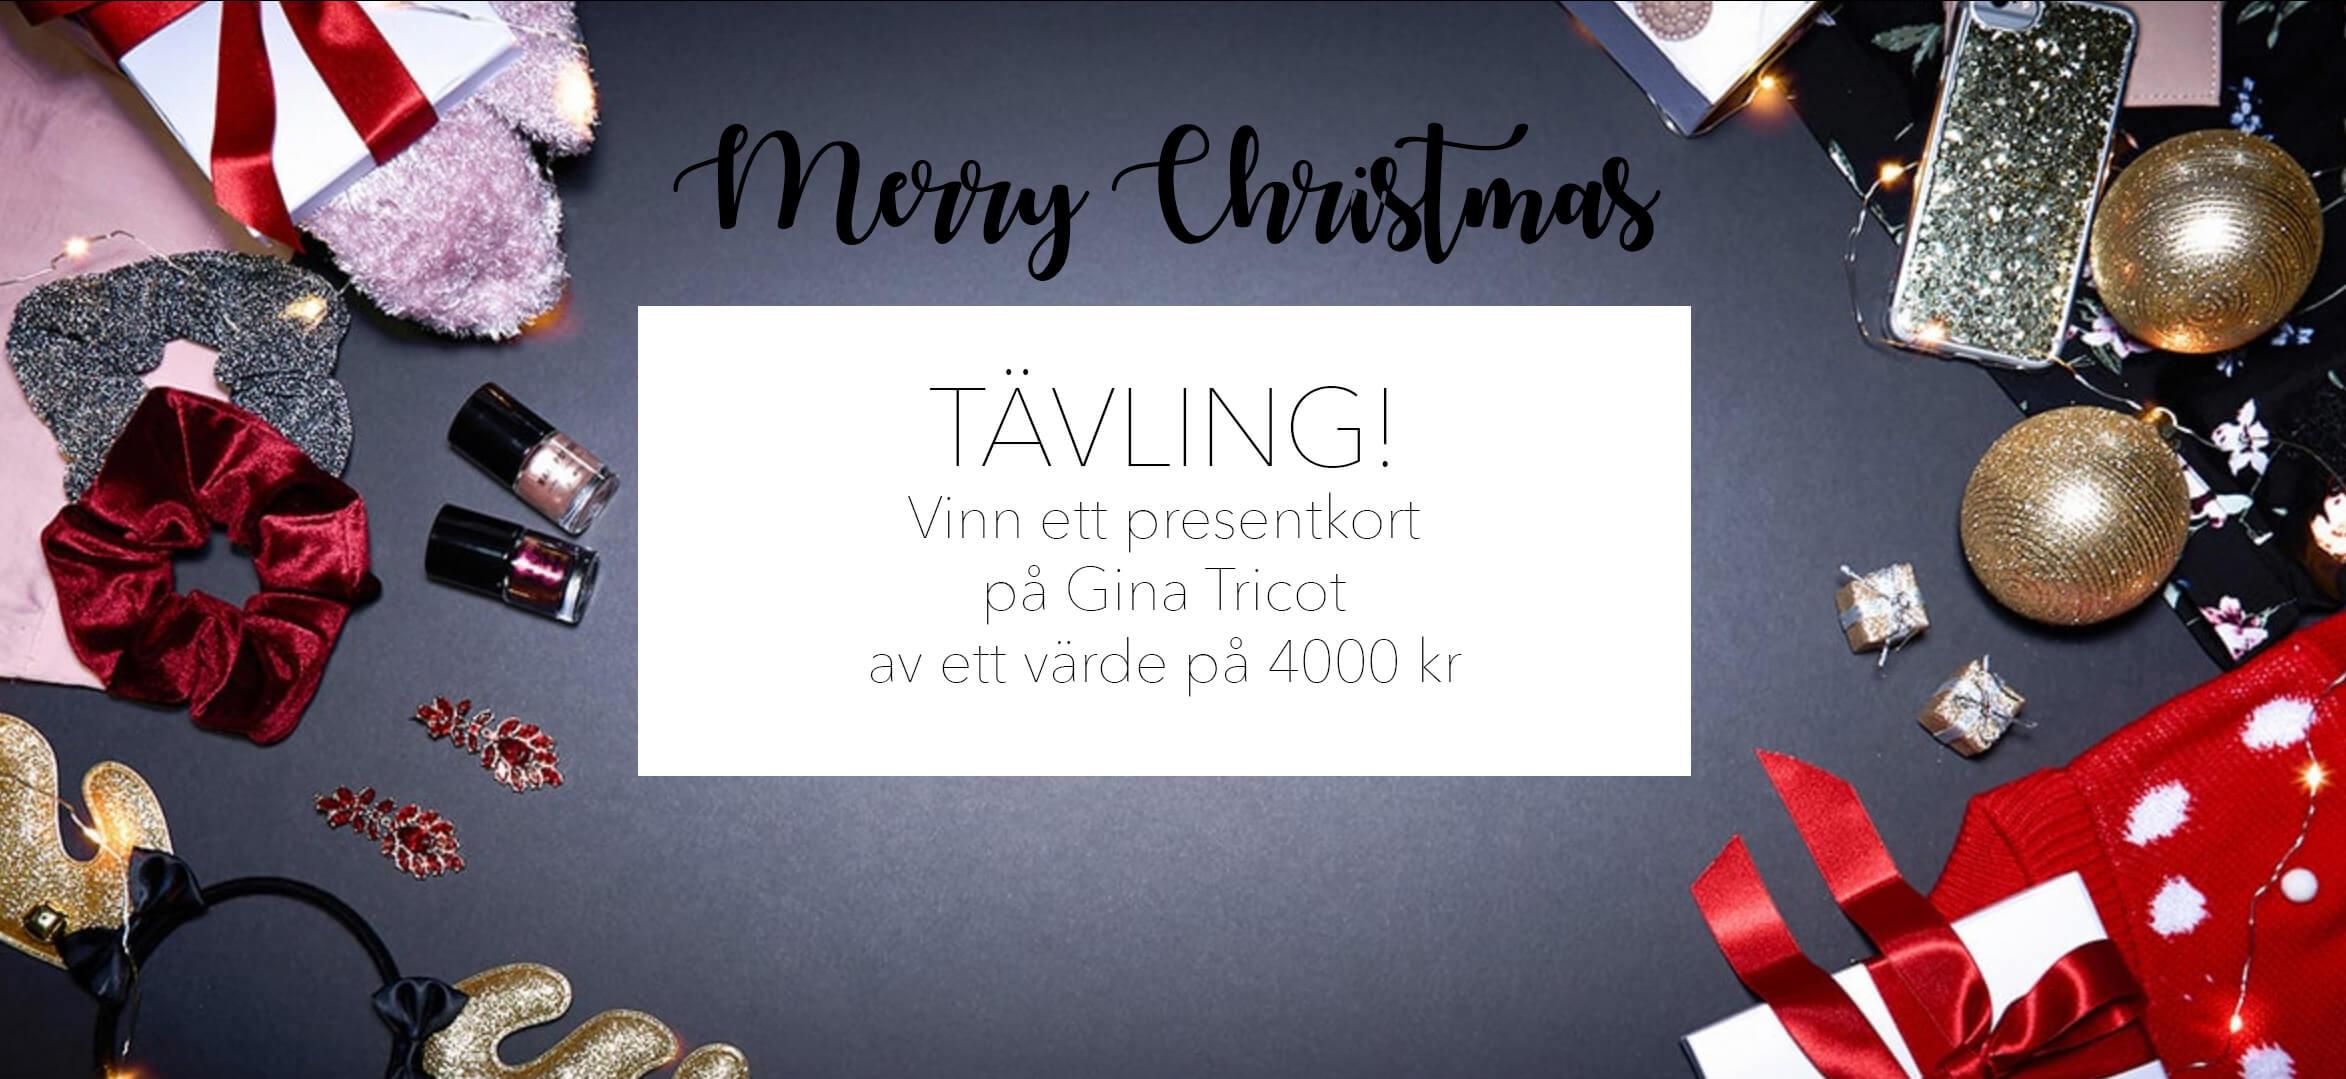 f28976384c1f Eftersom Julafton snart är här så vill jag passa på att ge någon av er  fantastiska läsare en liten julklapp ♥ Allt ni behöver göra för att  medverka i ...